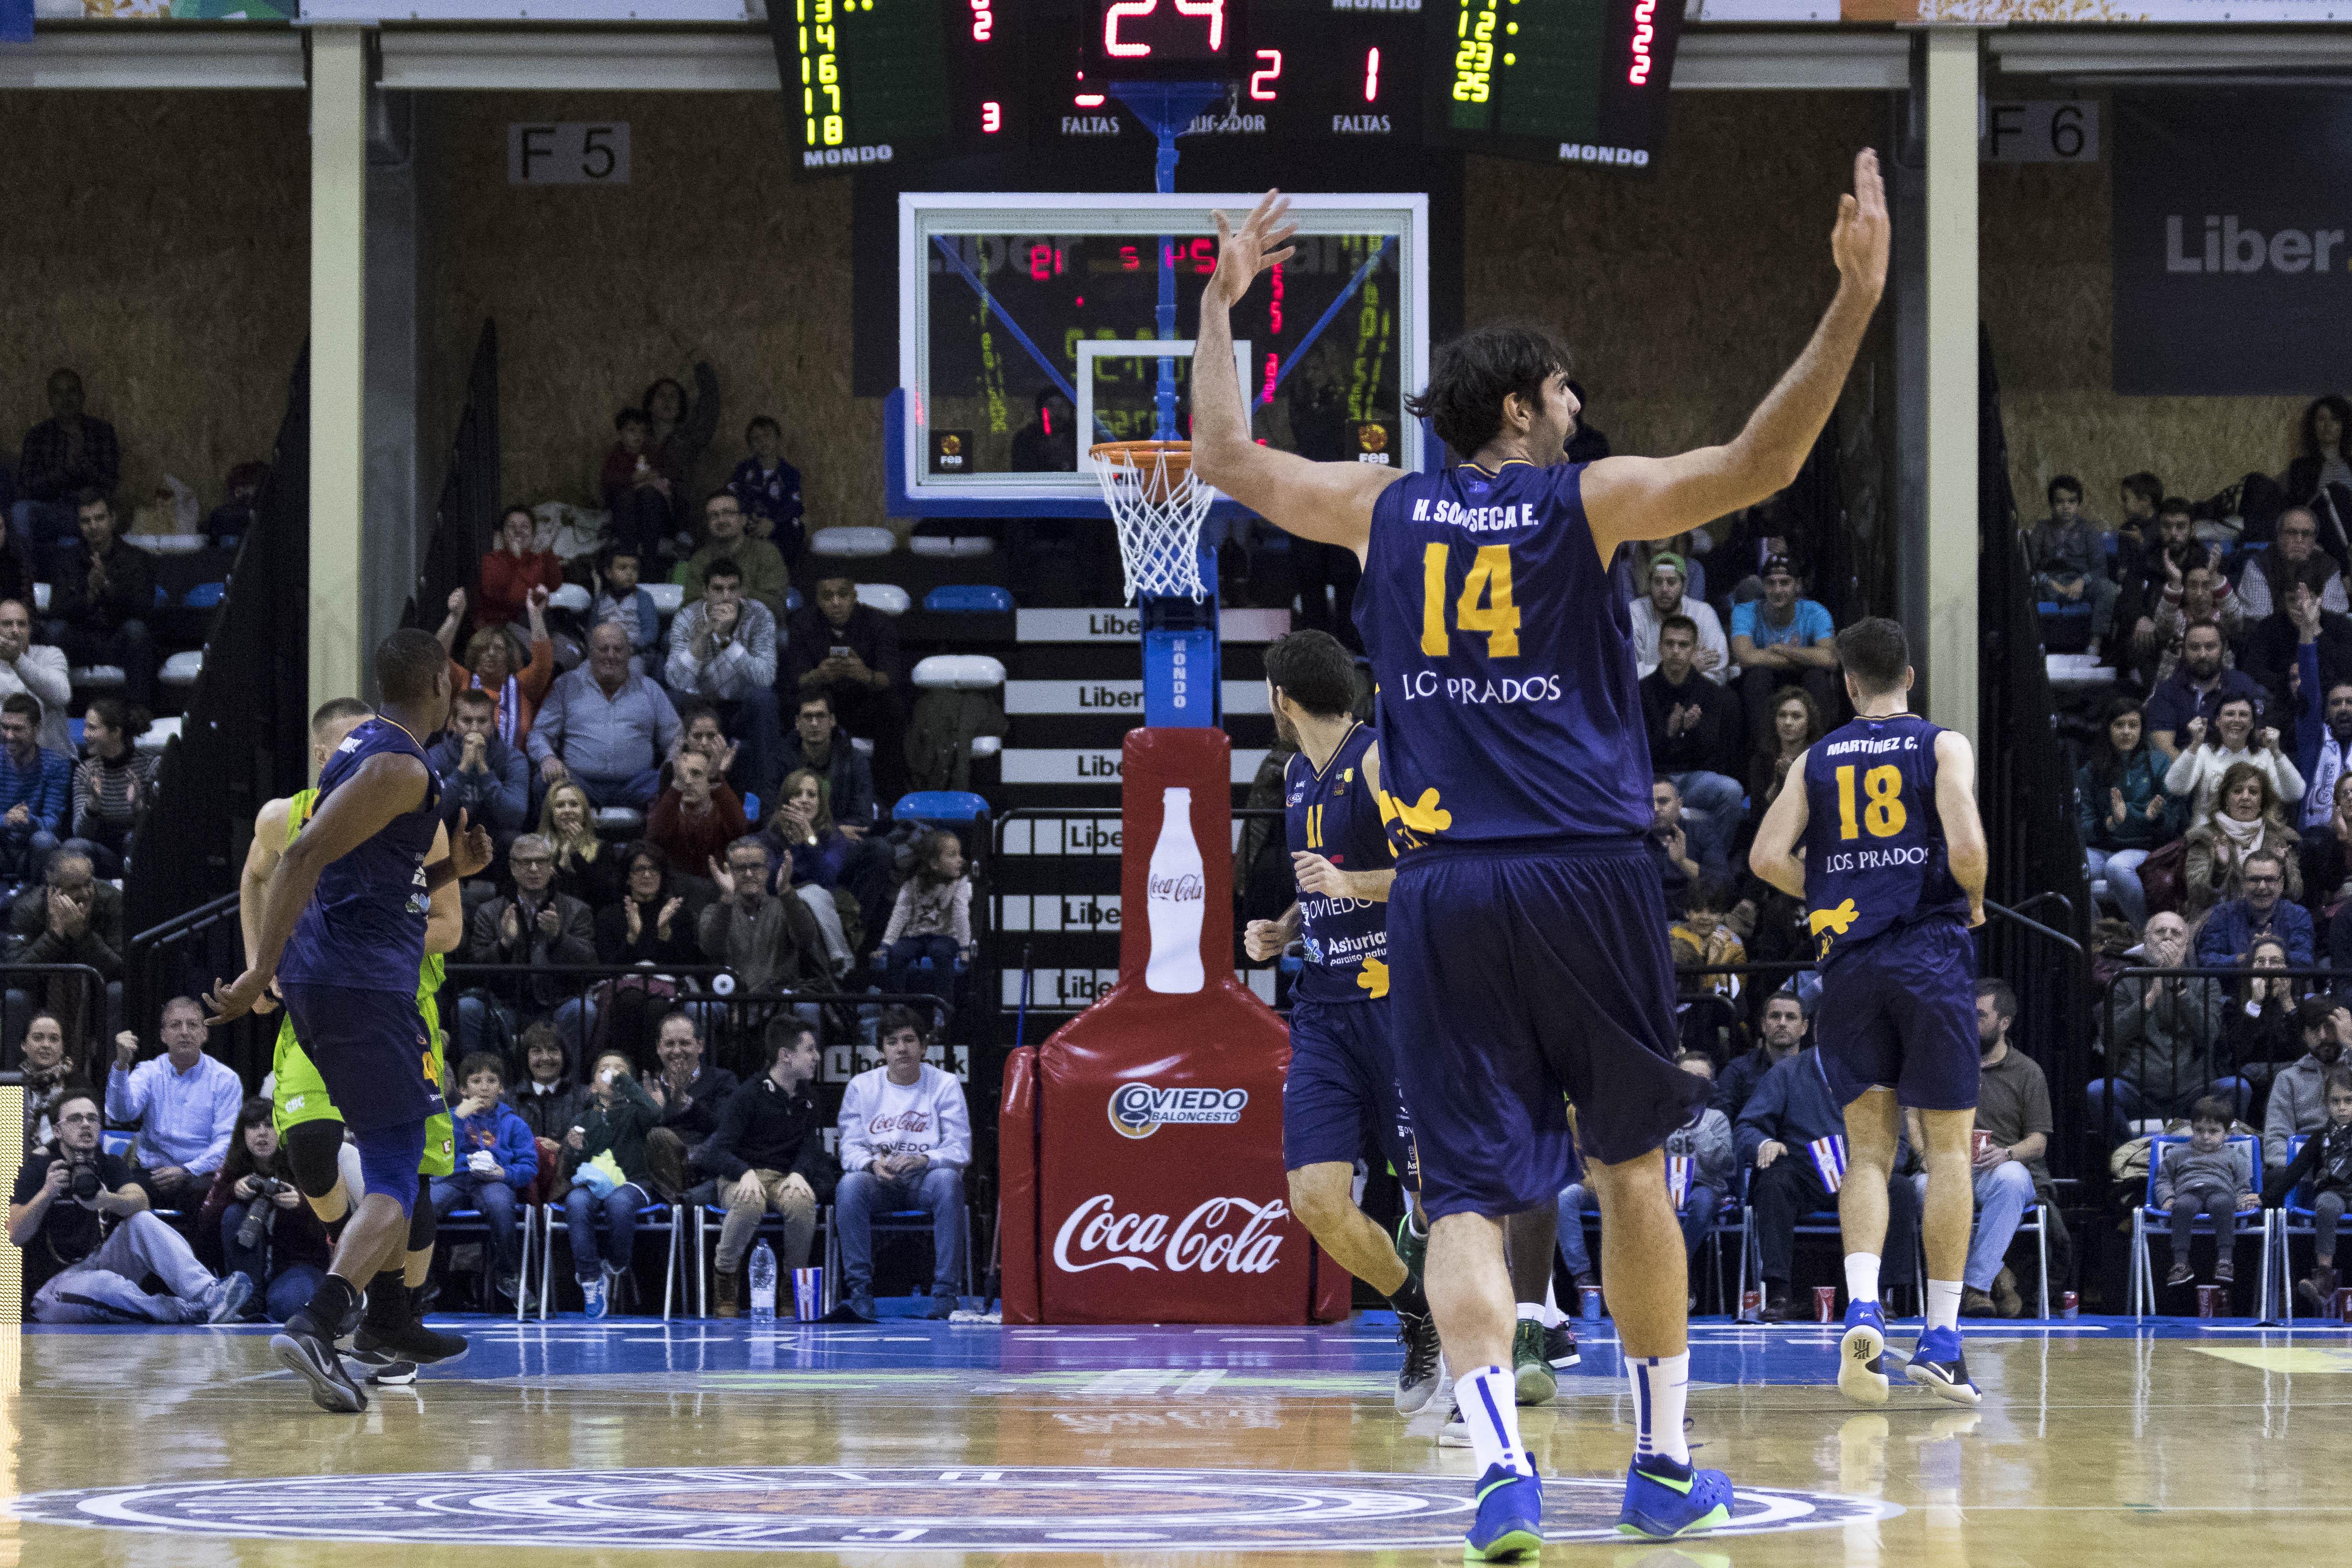 Eduardo Sonseca alentando al público tras anotar un triple (Foto: Christian García)